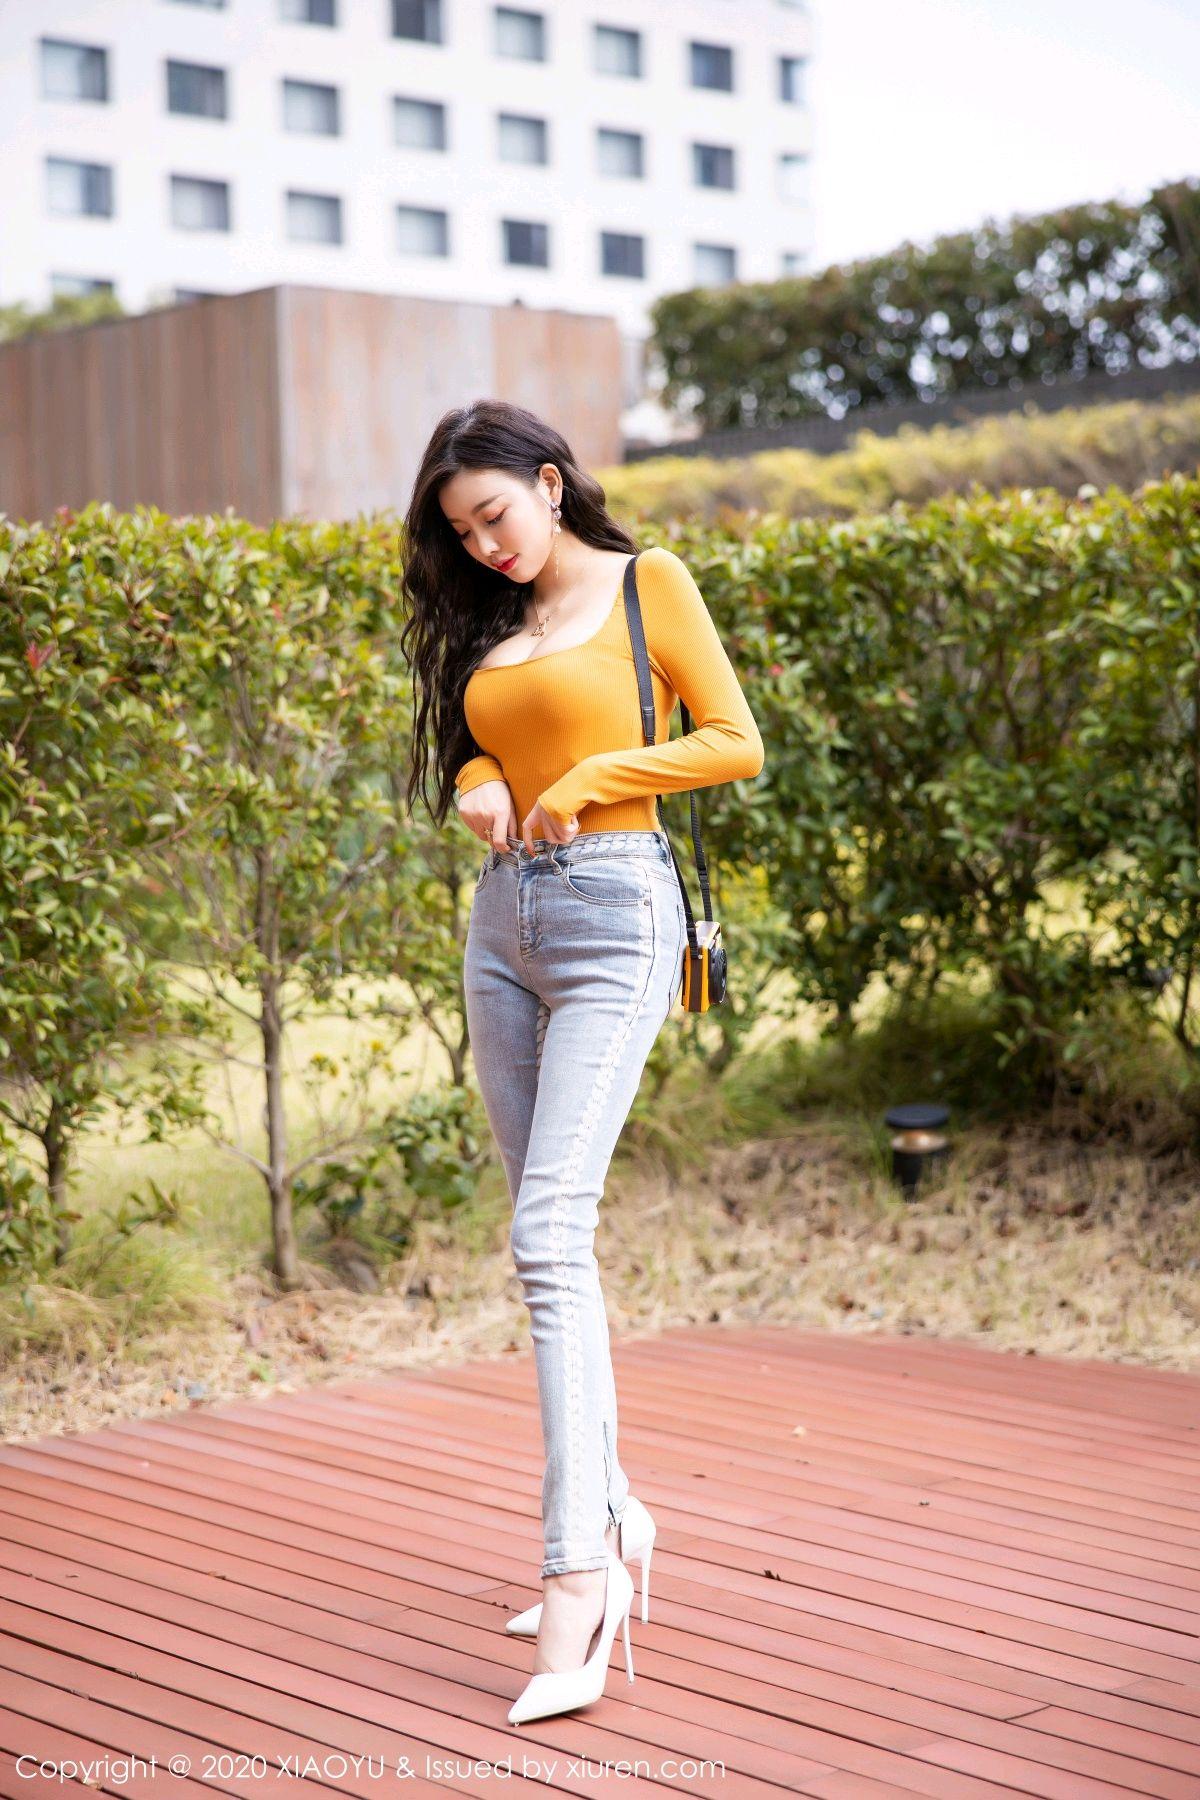 [XiaoYu] Vol.228 Yang Chen Chen 1P, XiaoYu, Yang Chen Chen